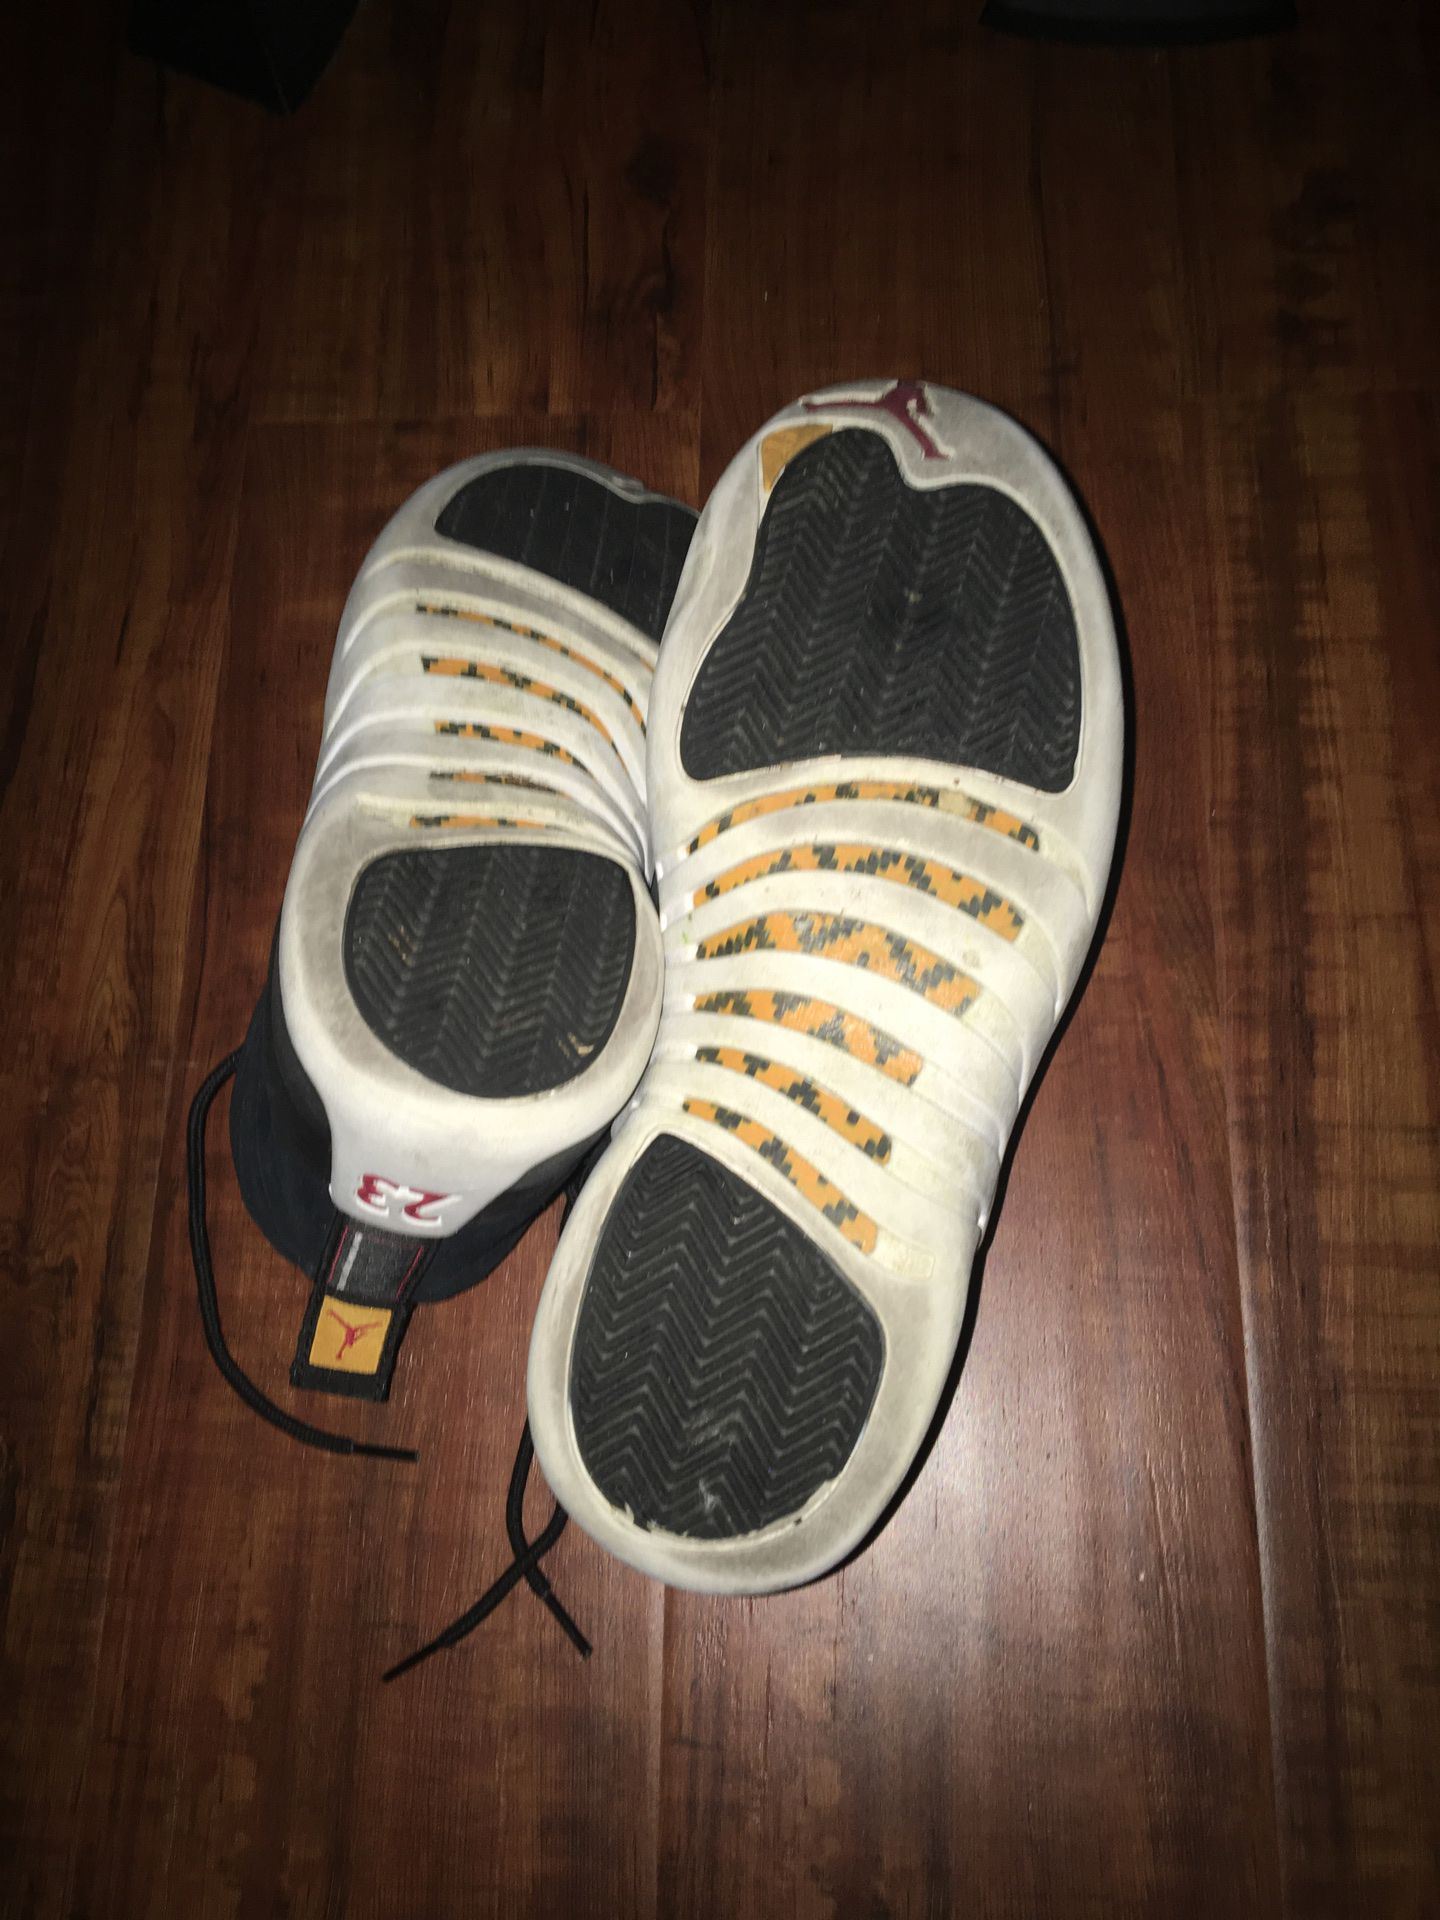 Jordan 12 size 9